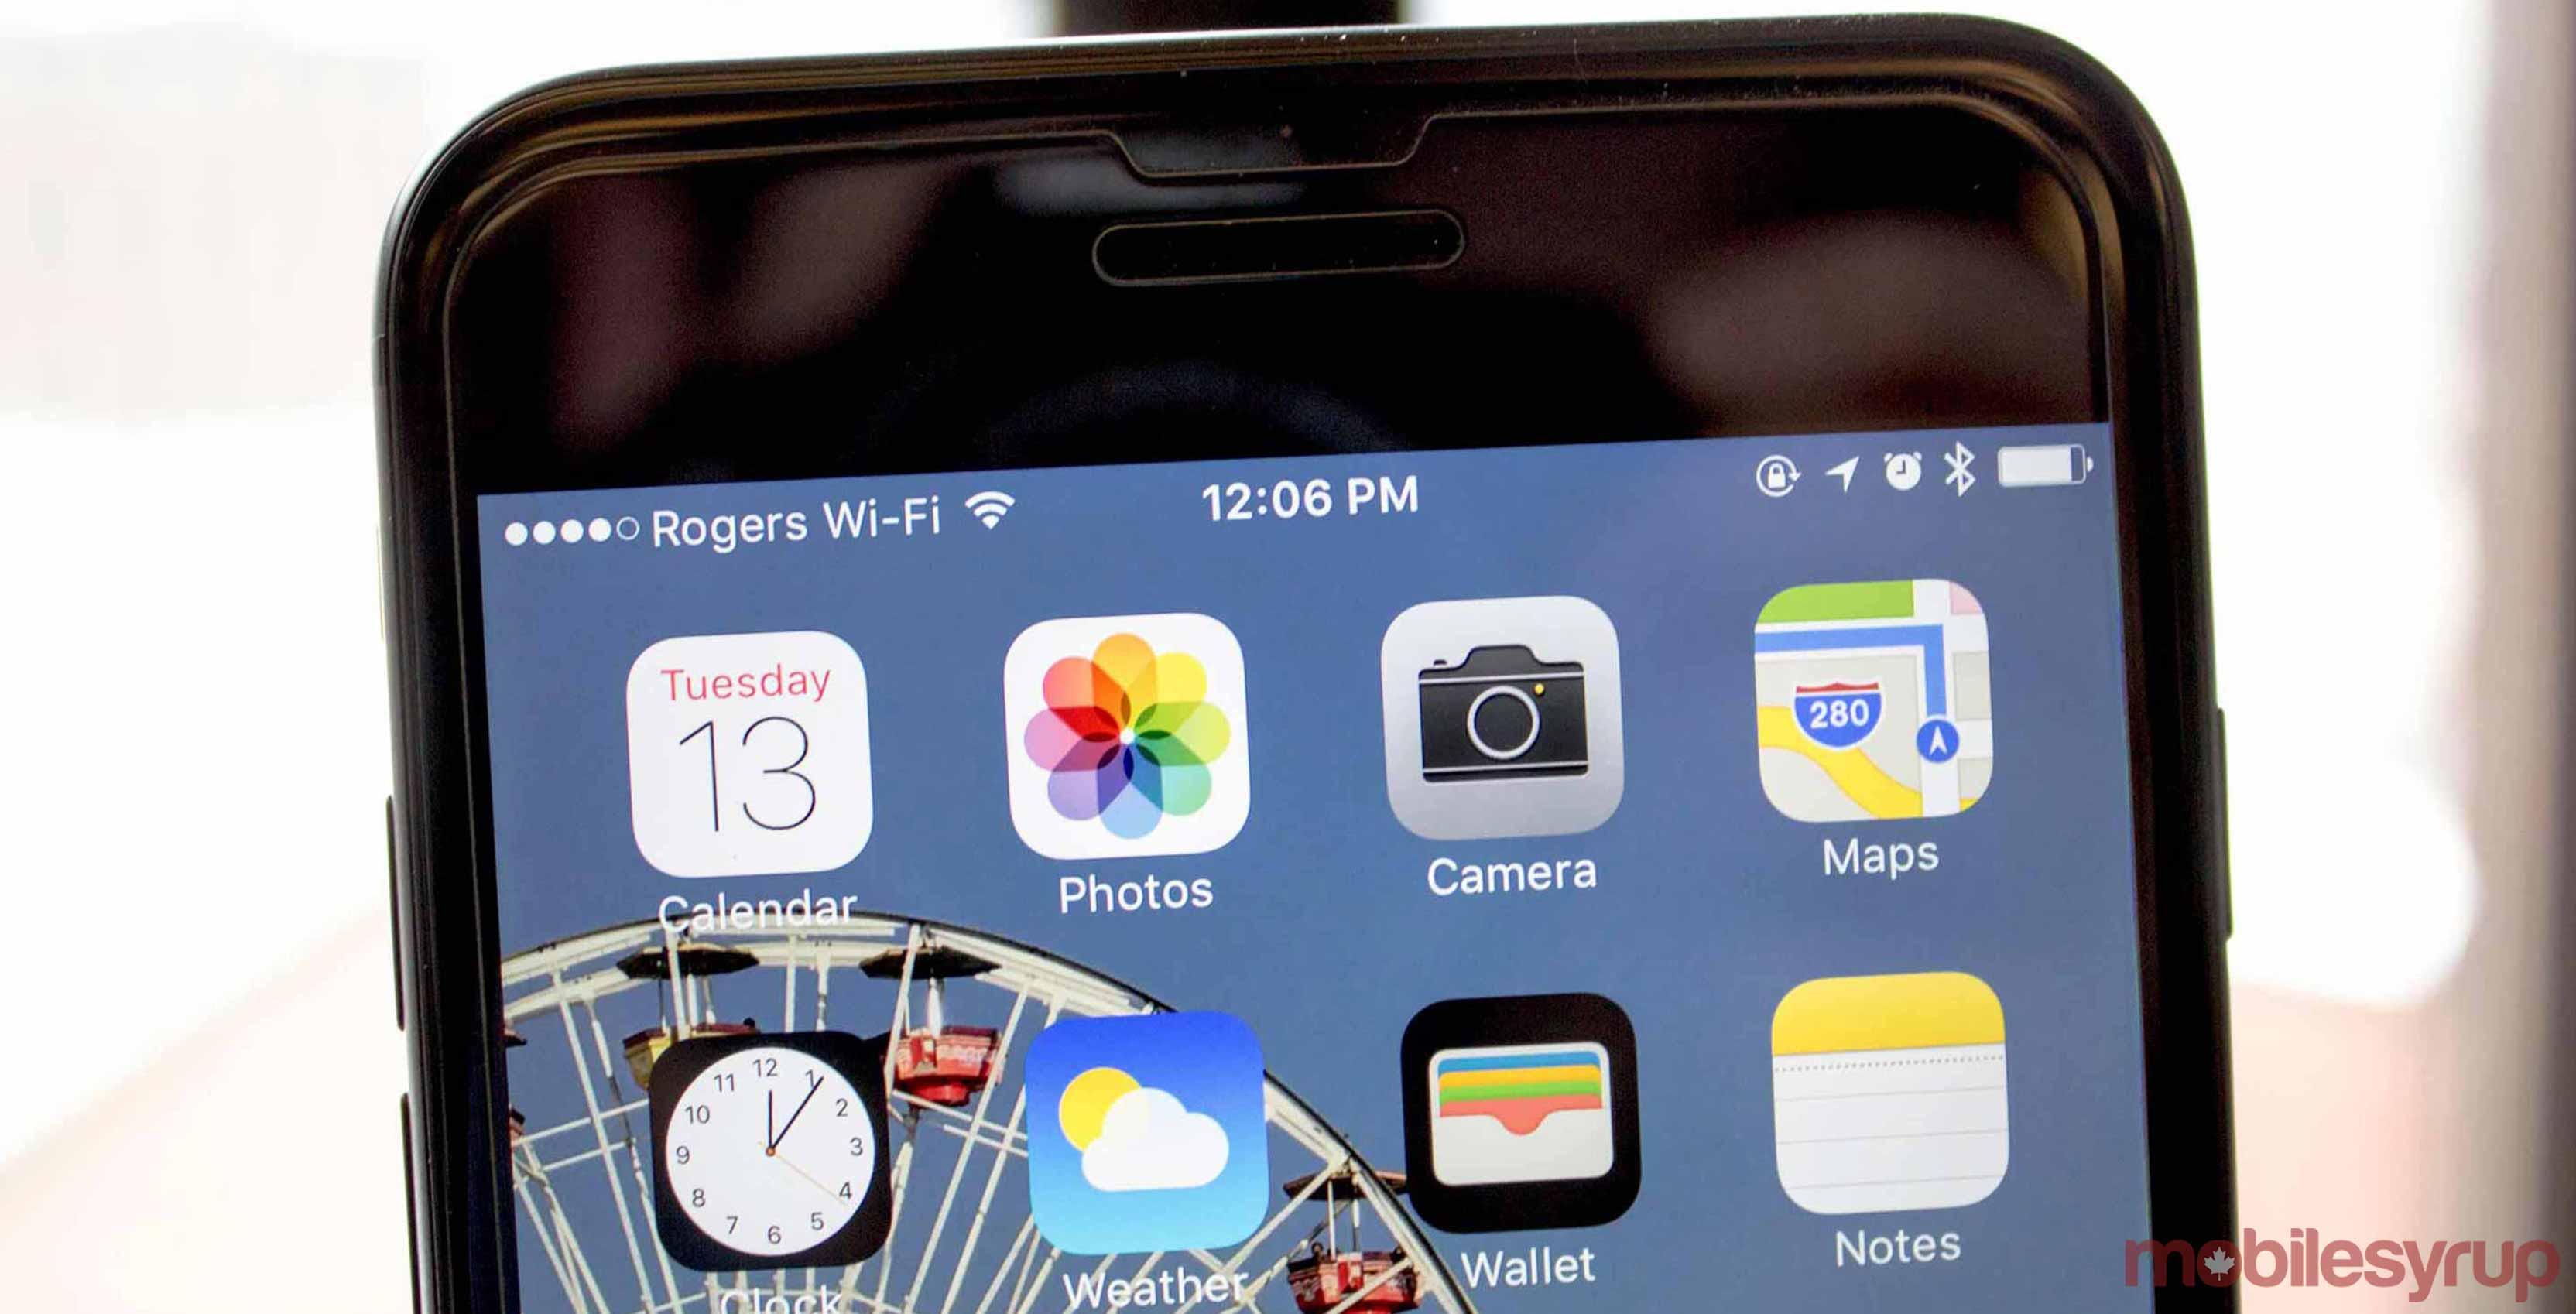 Phone Screen Wi-Fi - fastest internet in Canada